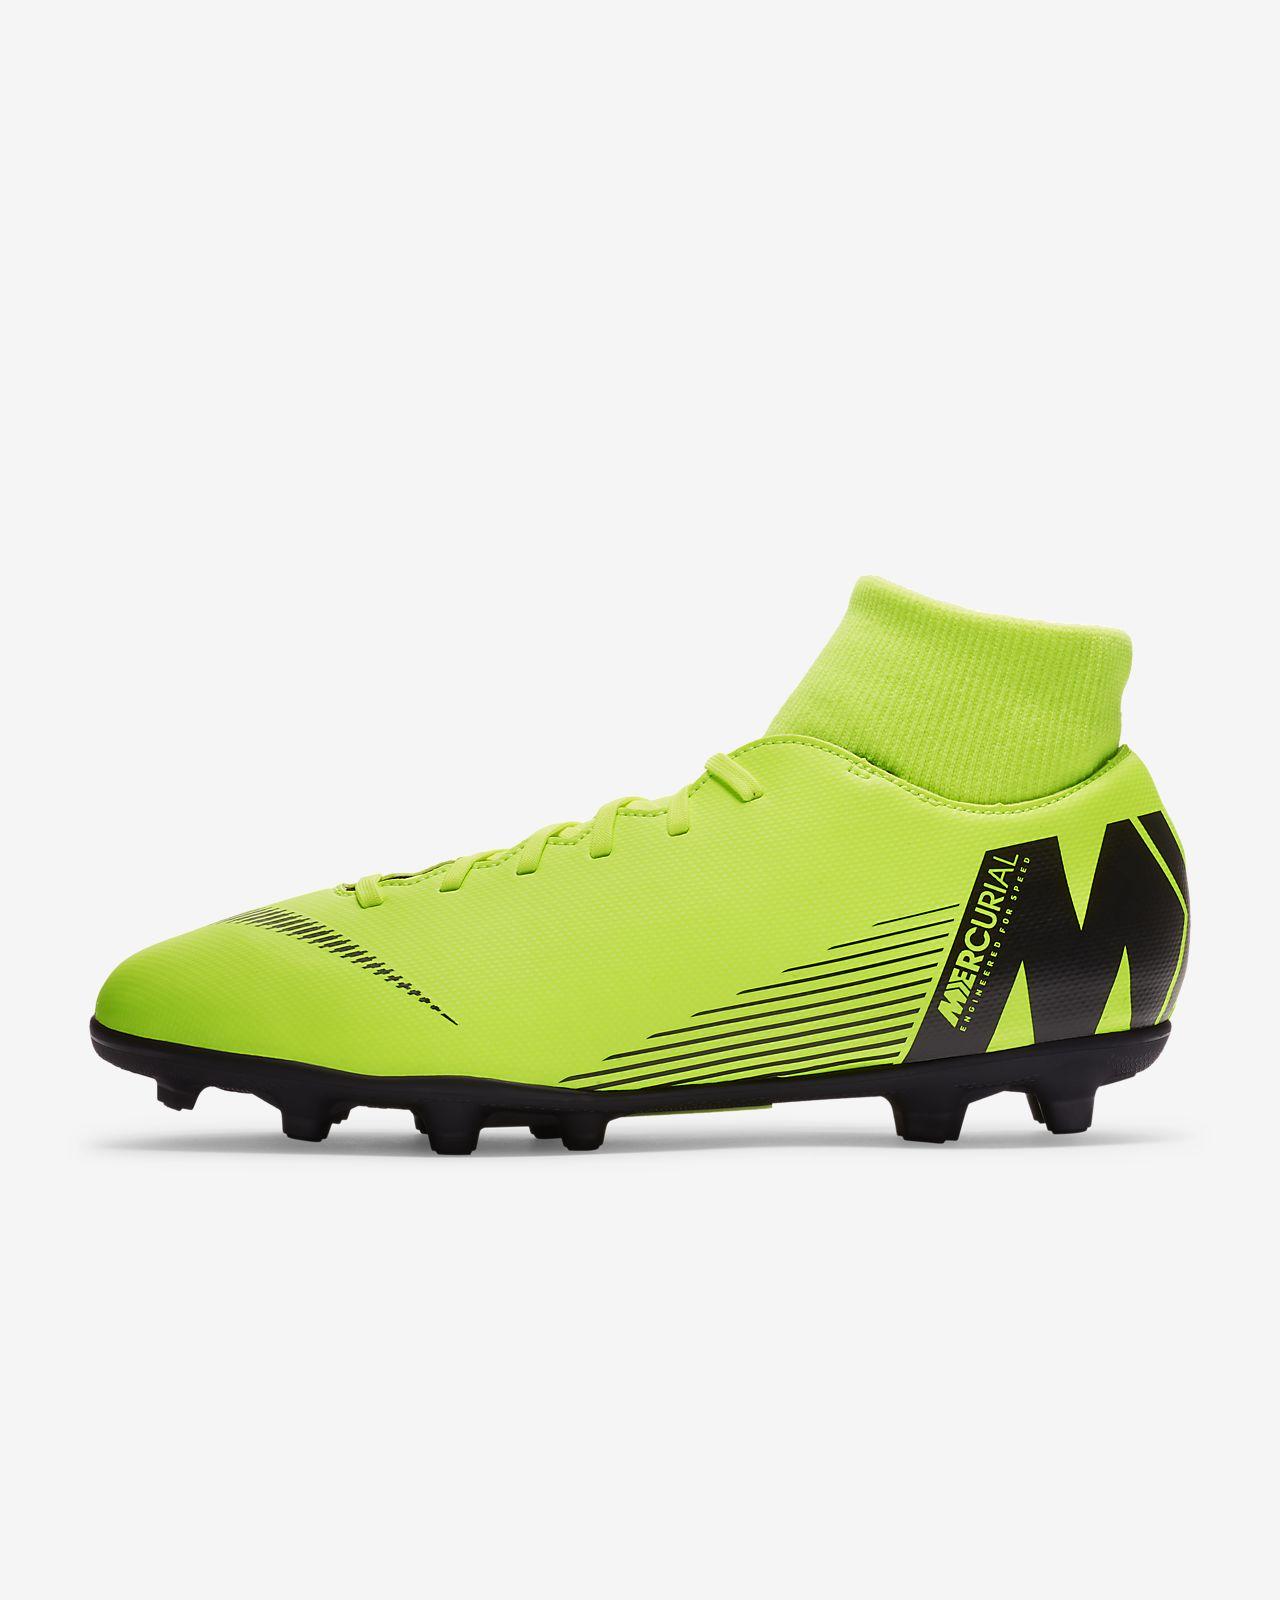 Nike Mercurial Superfly VI Club többféle talajra készült stoplis futballcipő 2e3a5896ca